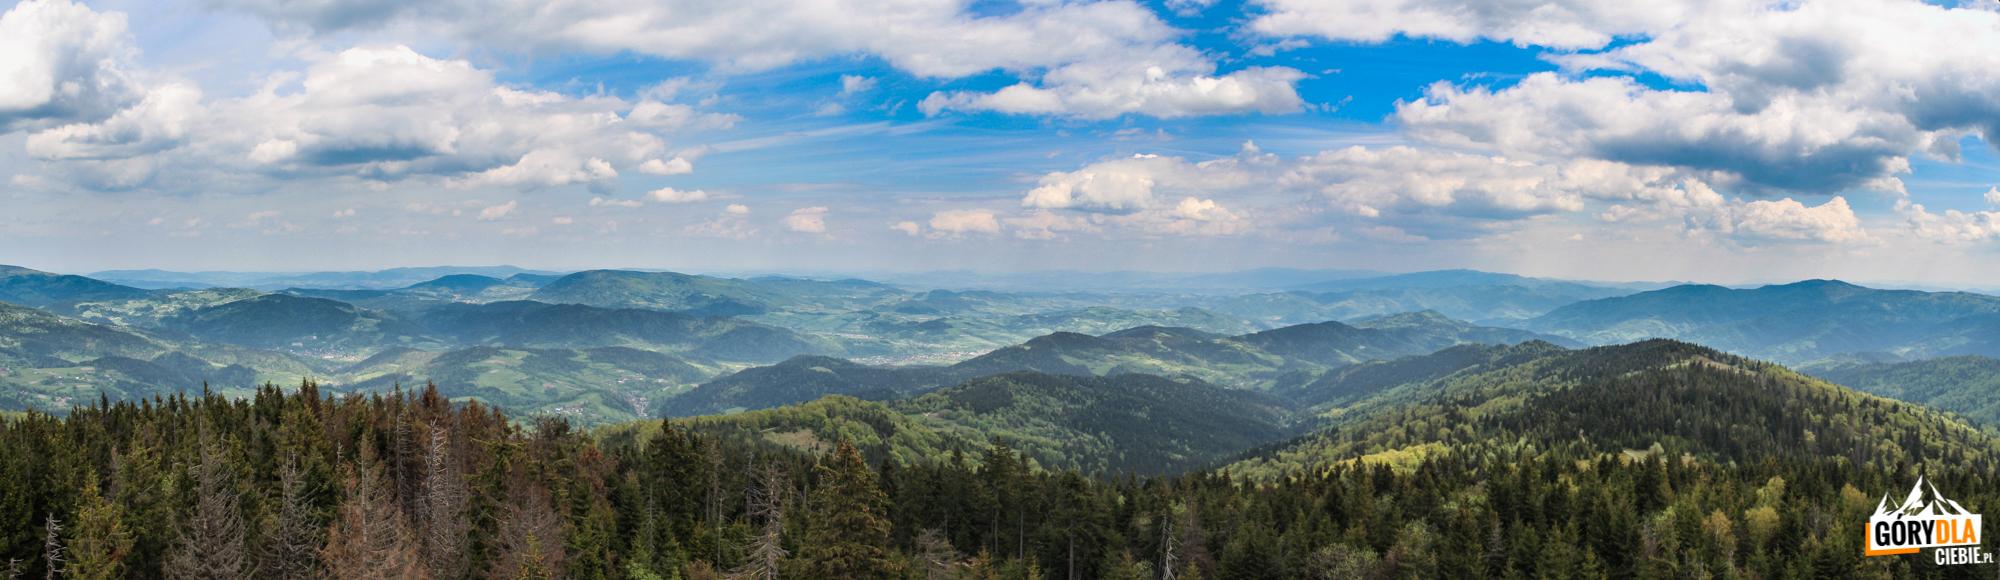 Panorama zwieży widokowej naszczycie Gorca (1228 m) - nawschód